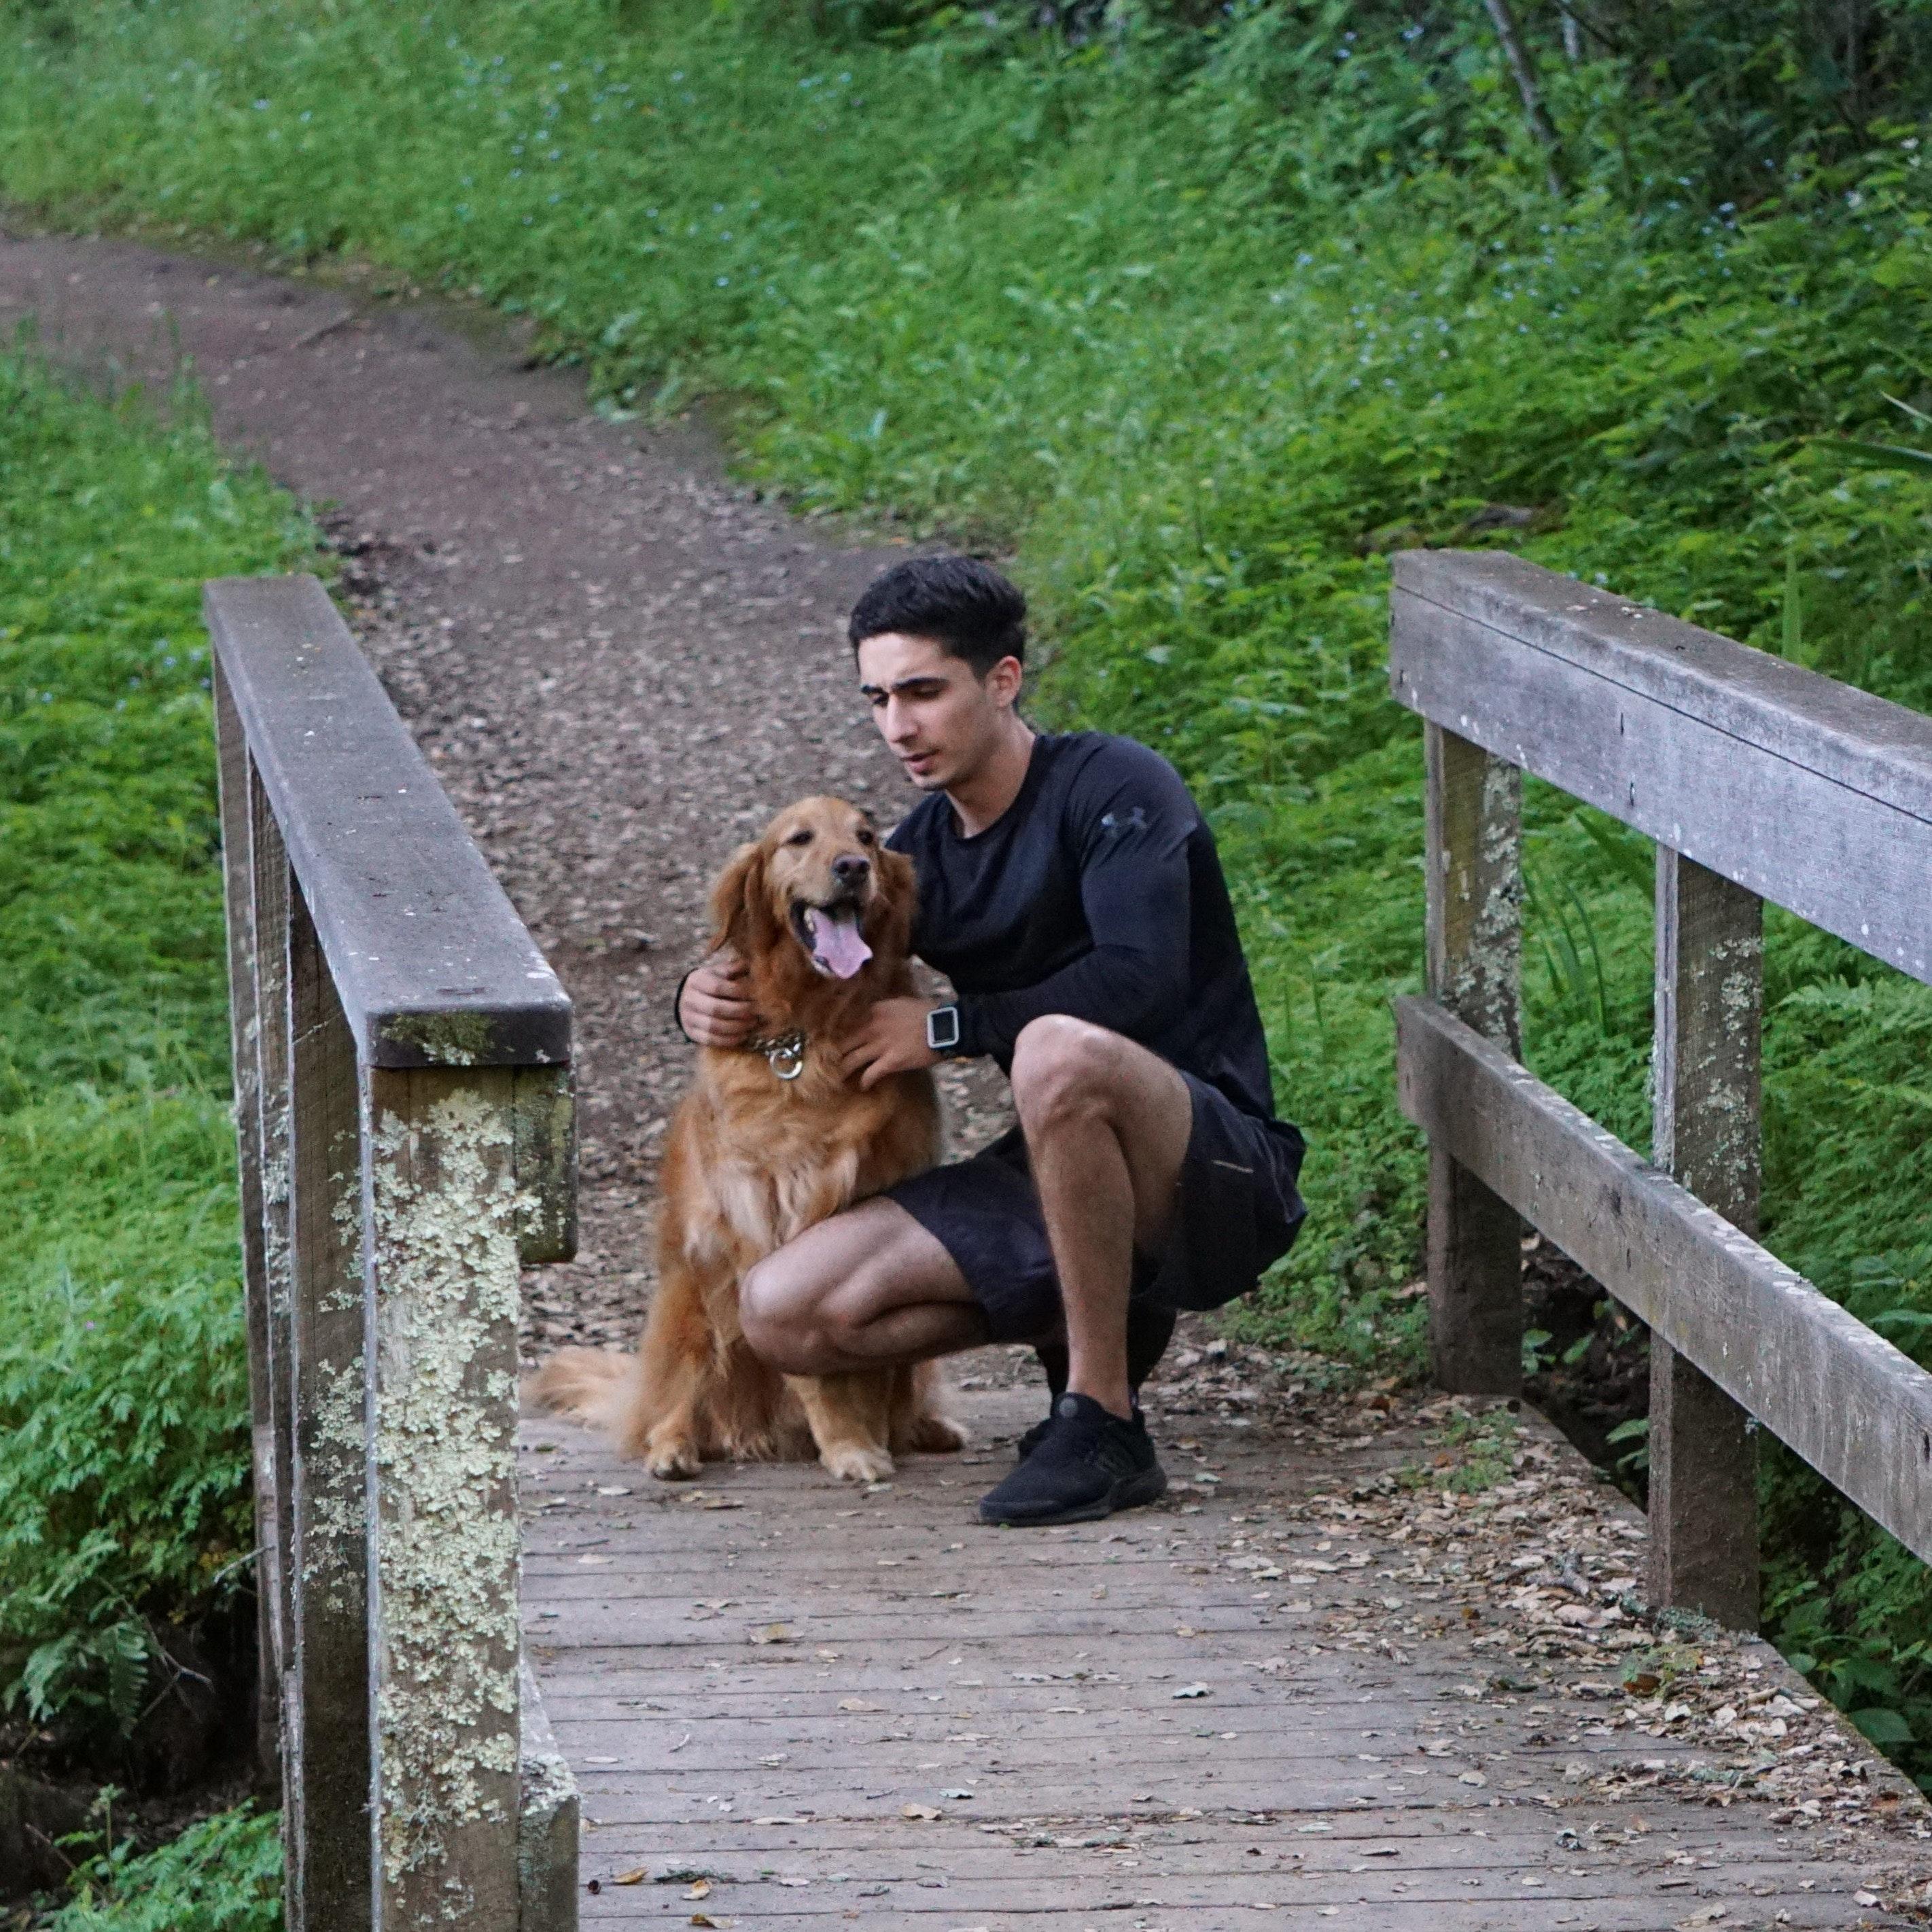 dog walker Ahmad